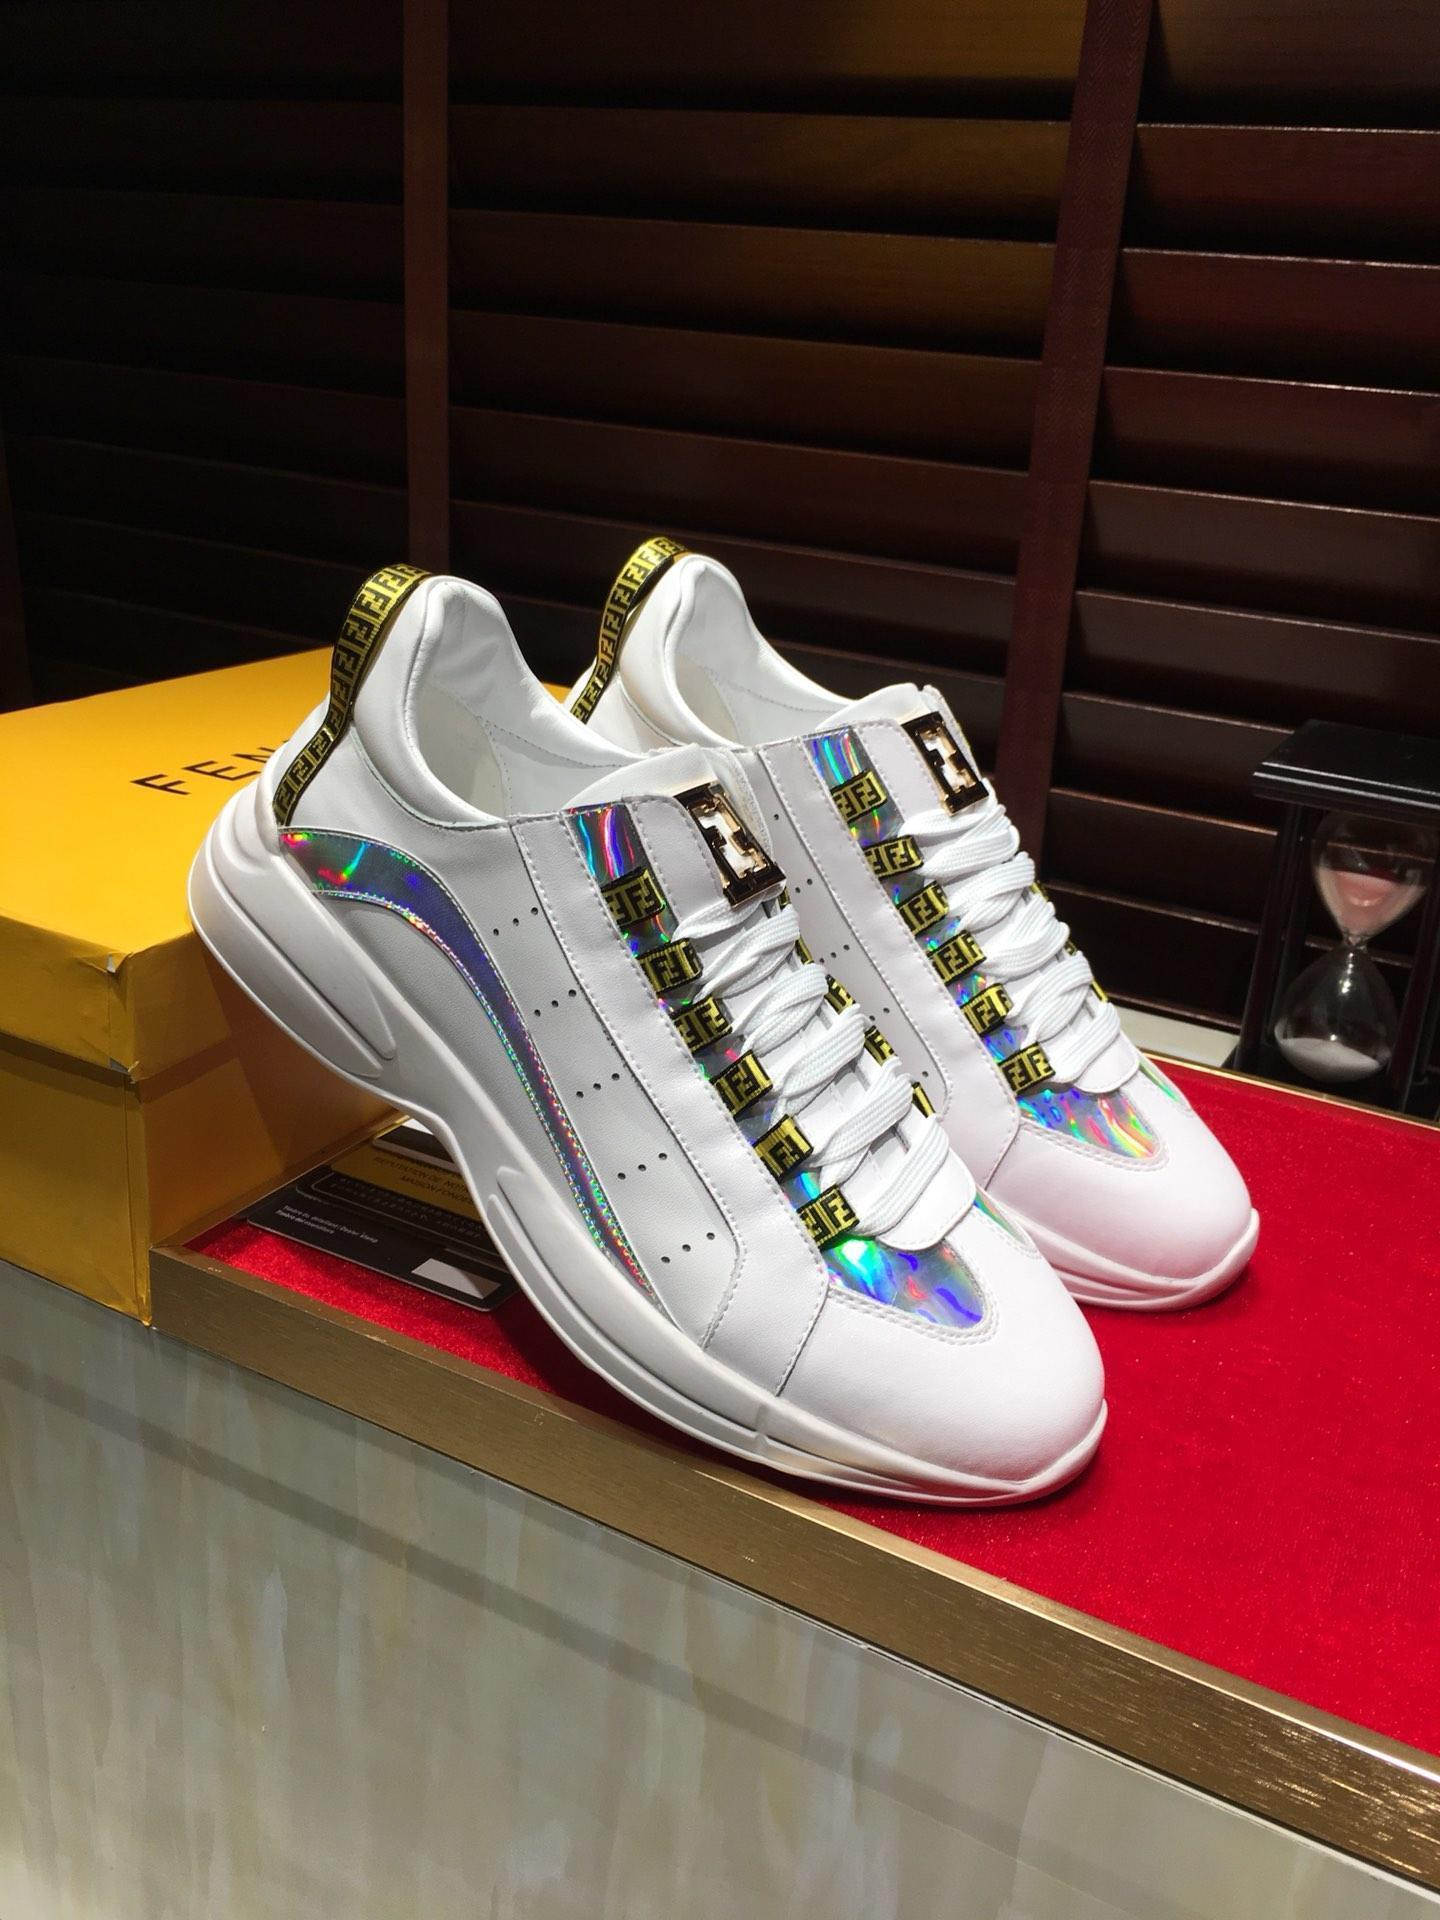 2021j haute -Fin hommes « ; S Chaussures Casual Lace -Jusqu'à extérieur Entraîneur plat Chaussures de sport en cuir basse -Top hommes »; S Respirant Tennis Sneakers 38